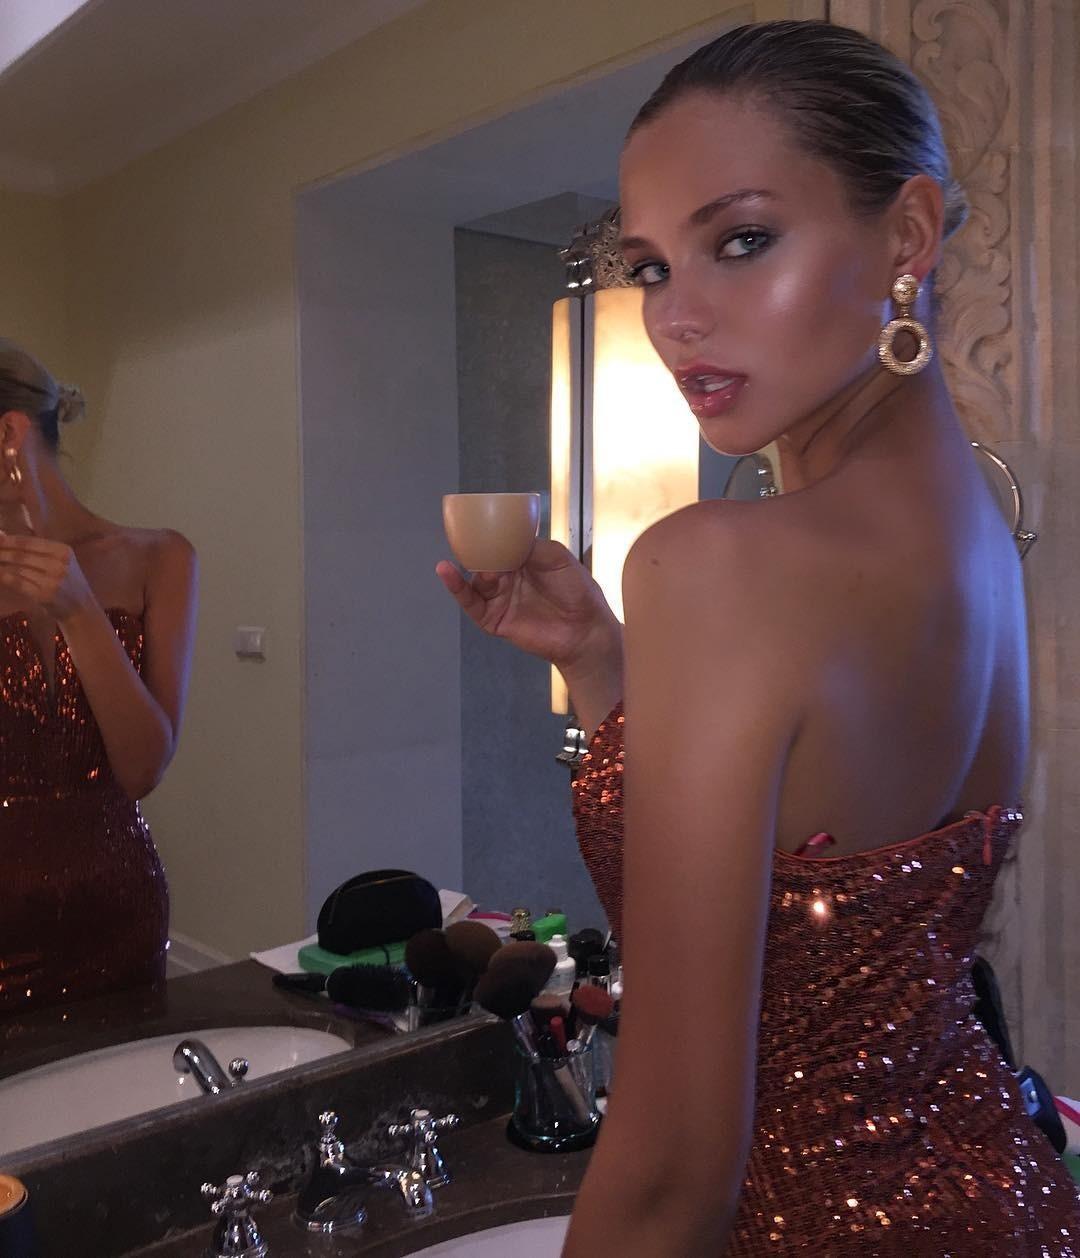 Алеся Кафельникова снялась вновой провокационной фотосессии